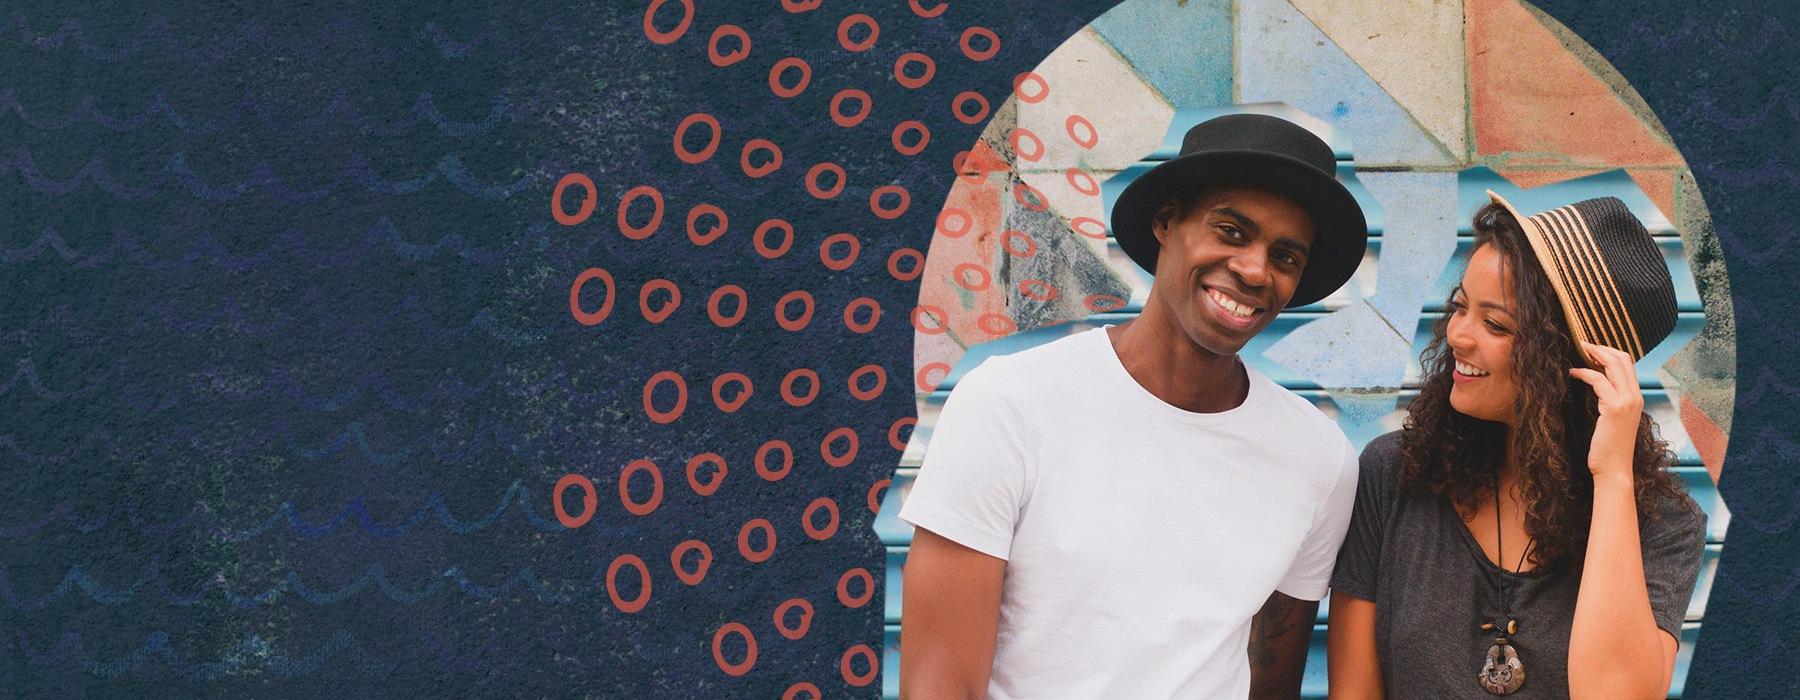 stylized image of happy urban couple